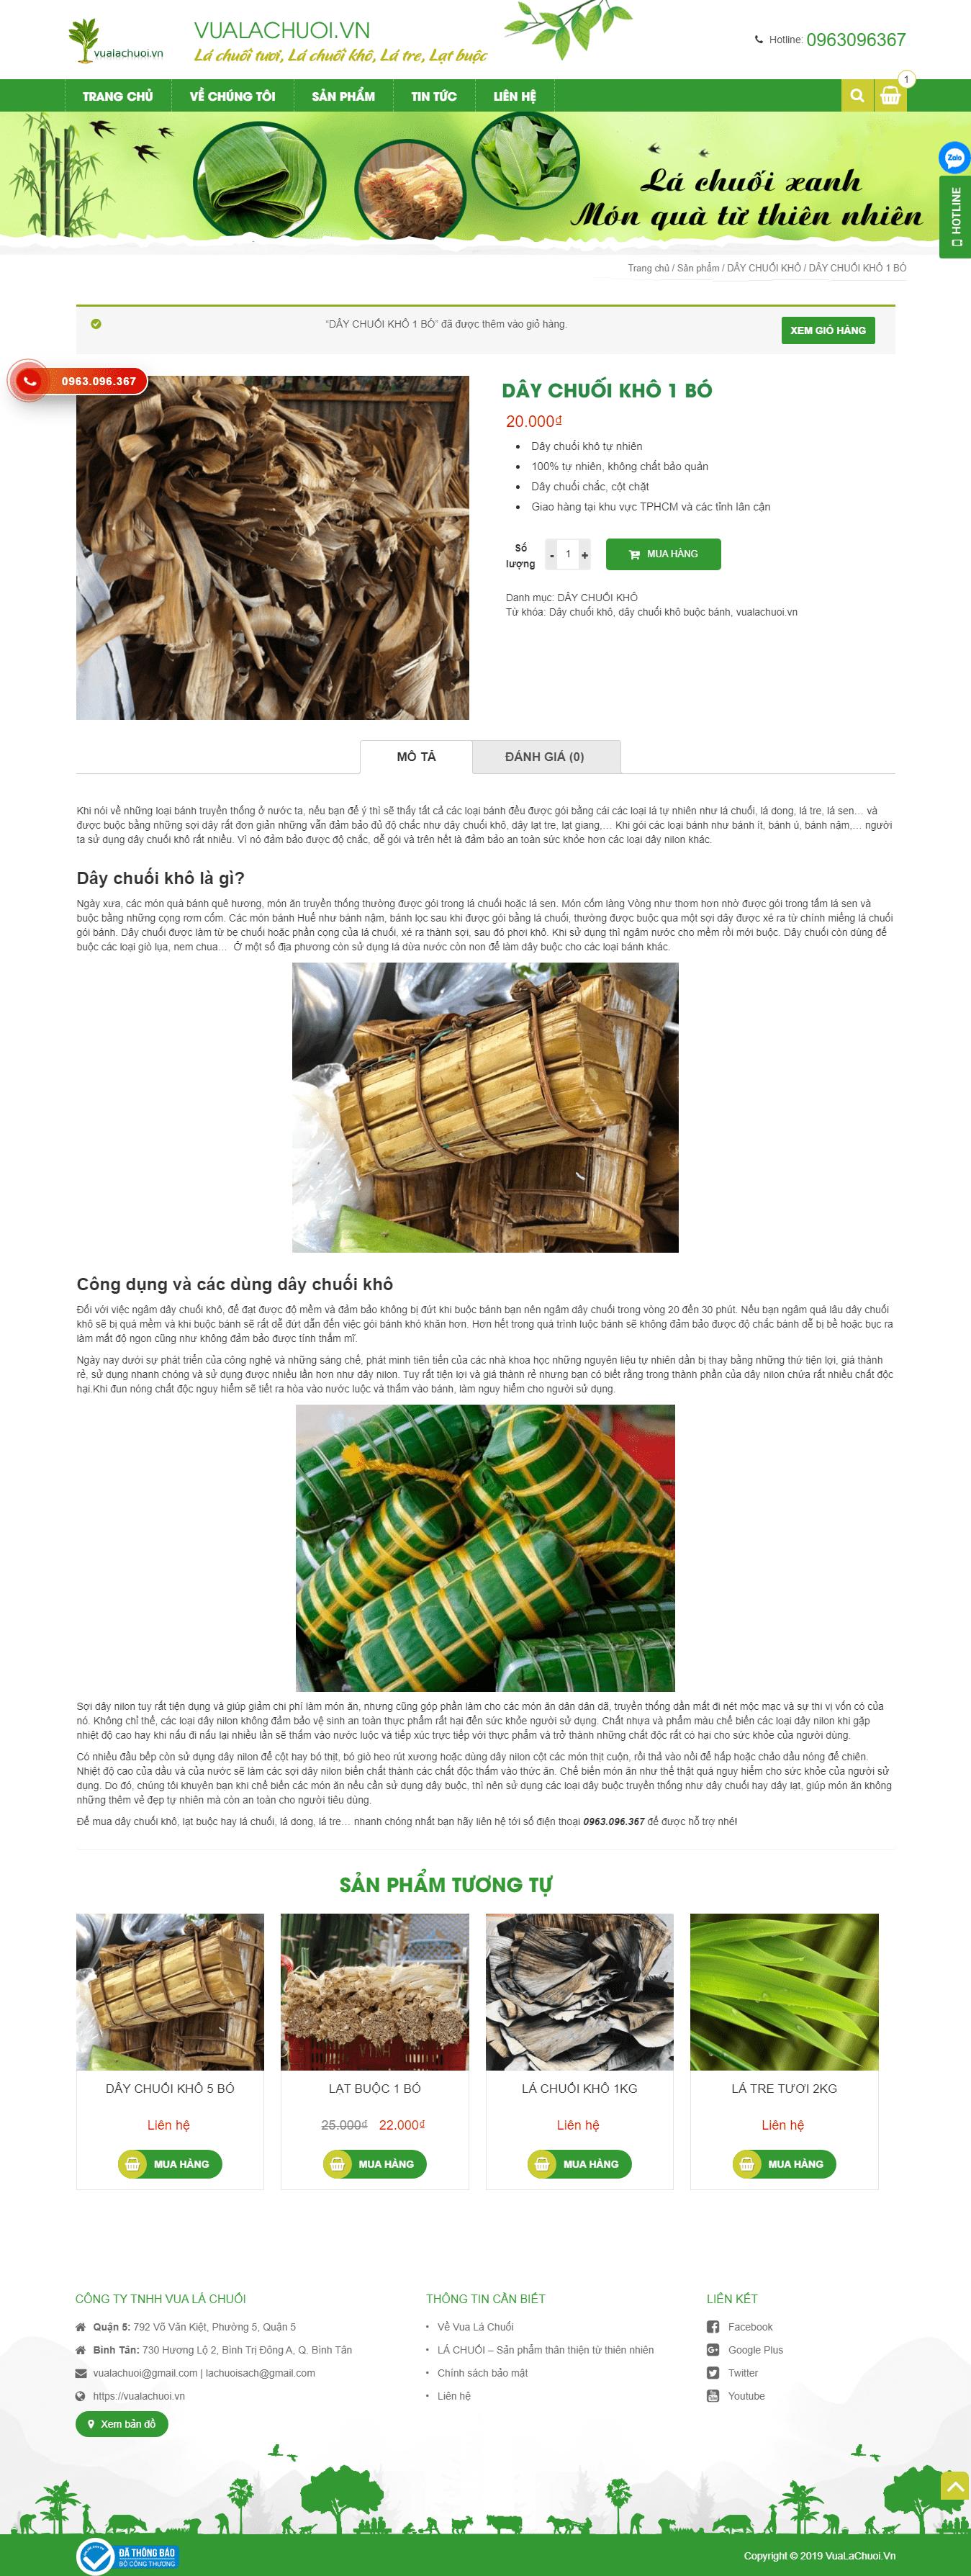 Mẫu website trưng bày sản phẩm – Vua Lá Chuối